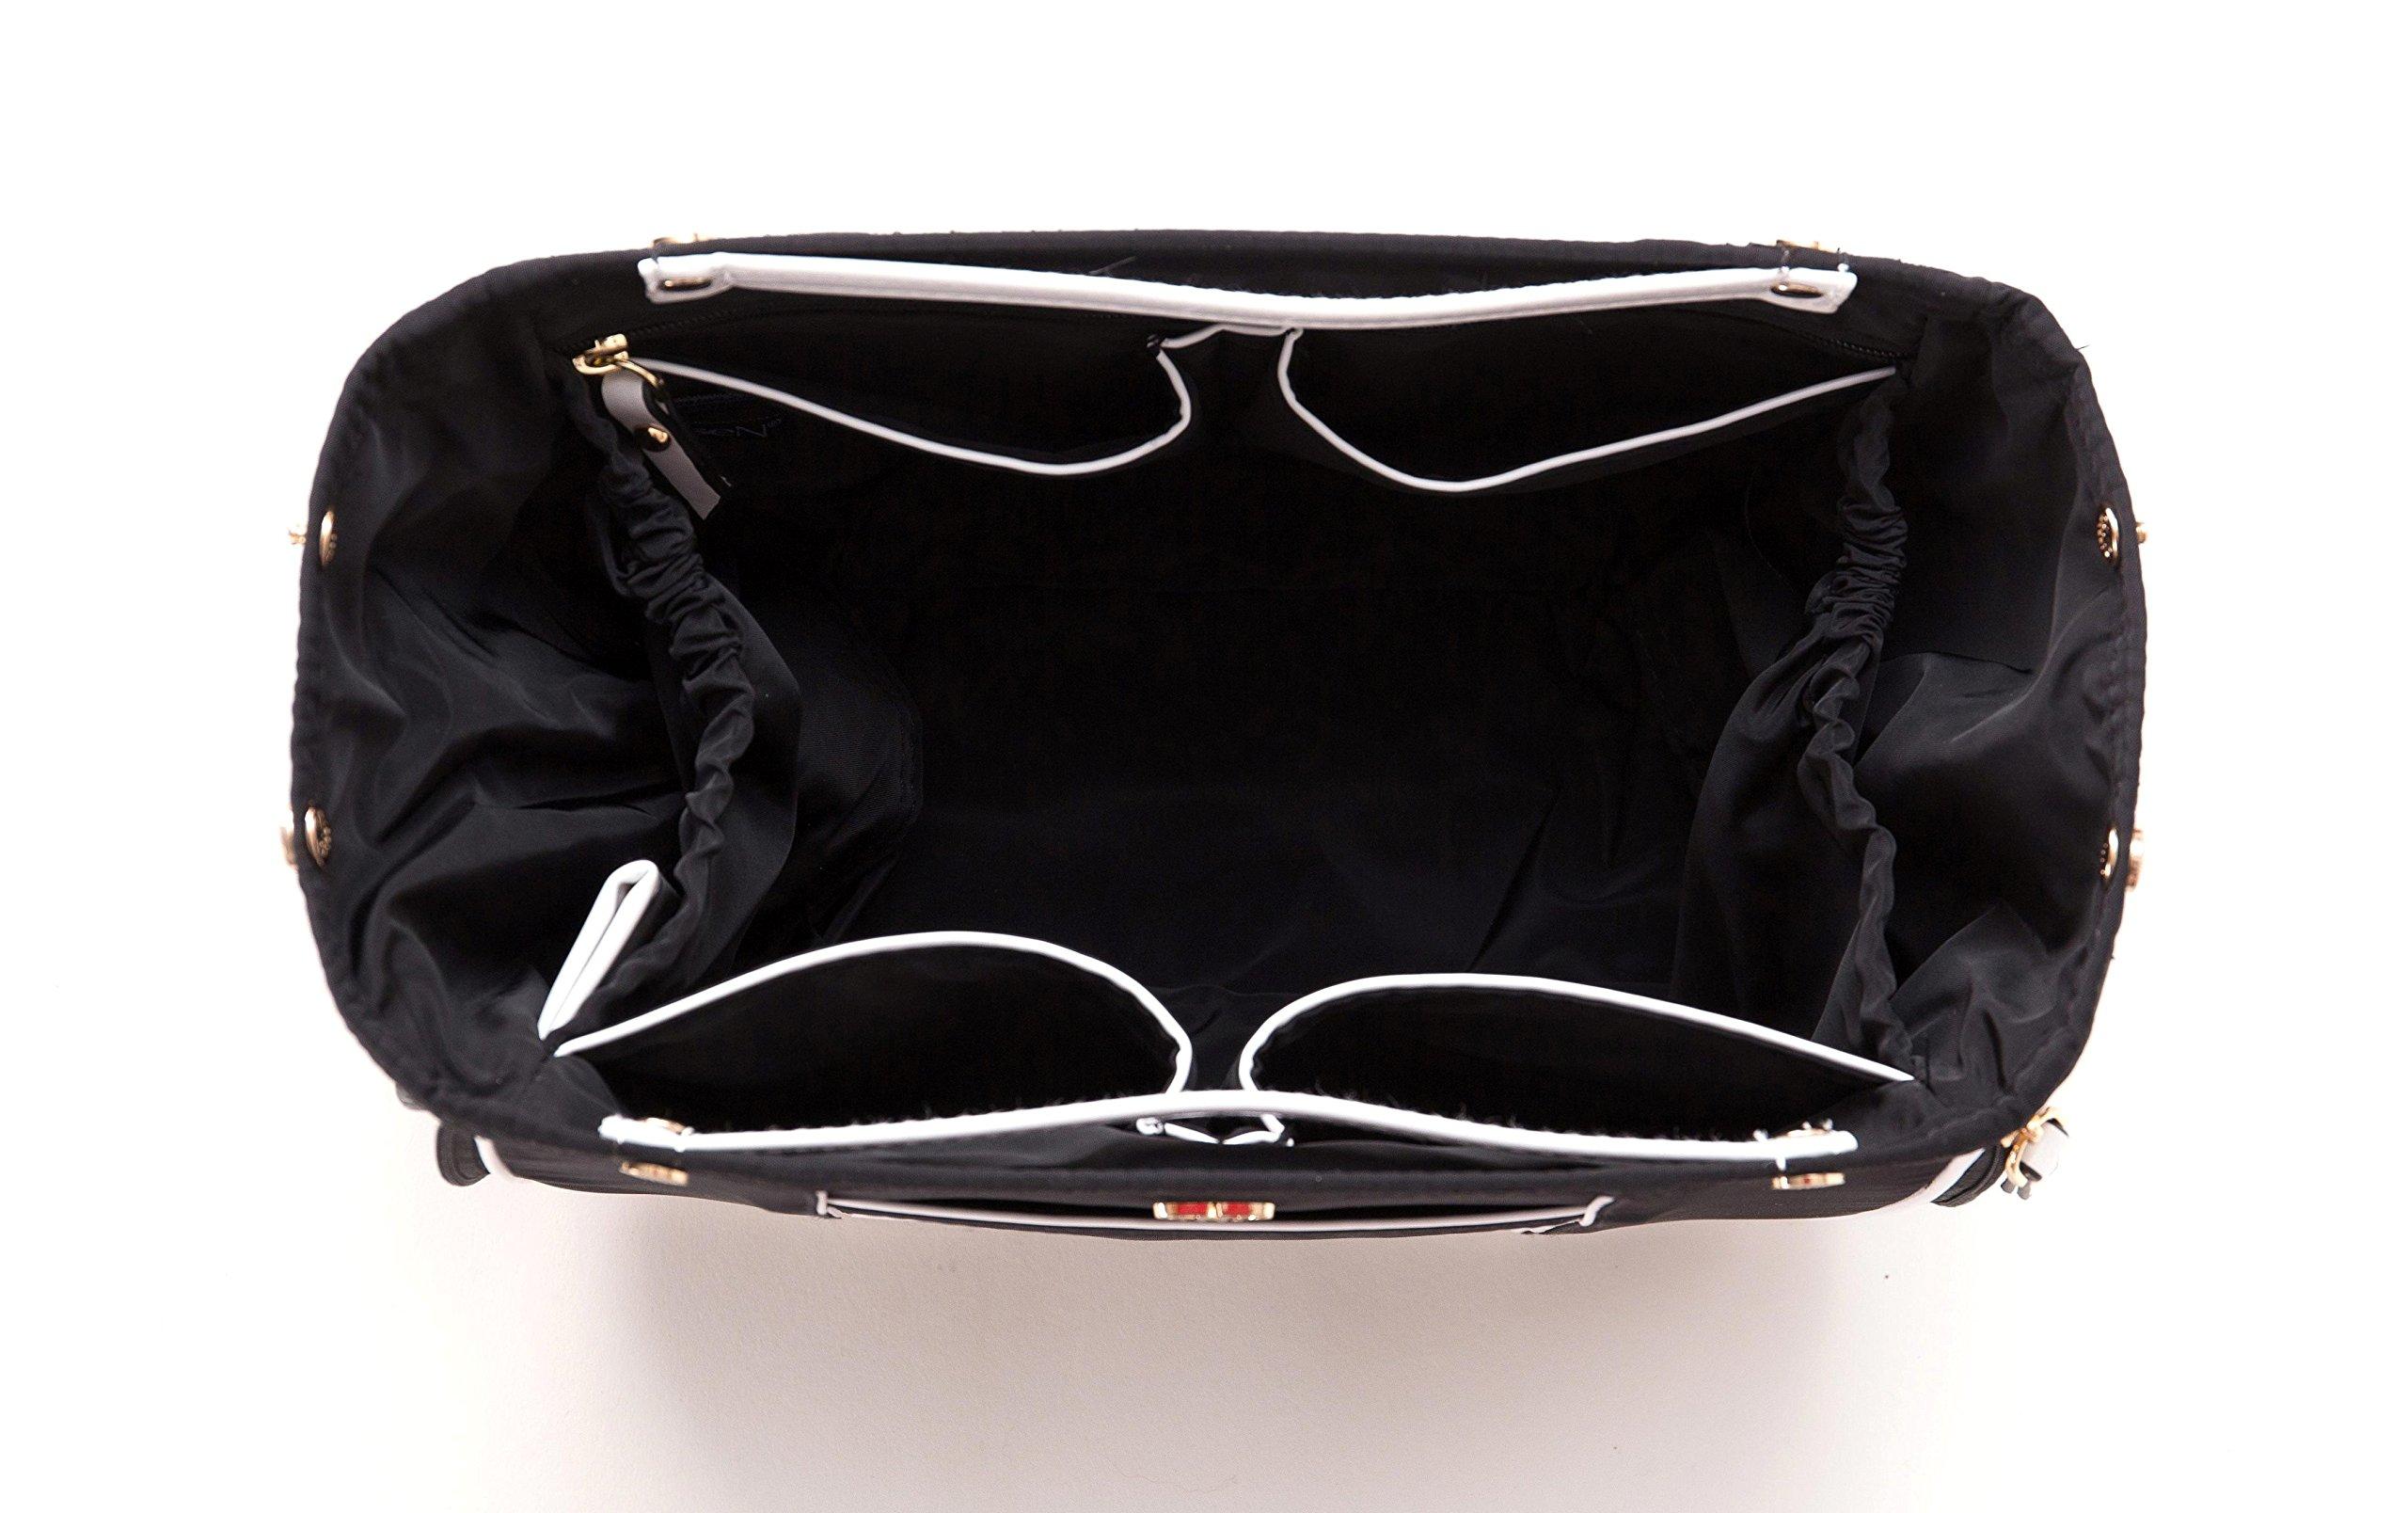 PurseN Handbag Organizer Insert (Small, Blanc Noir)